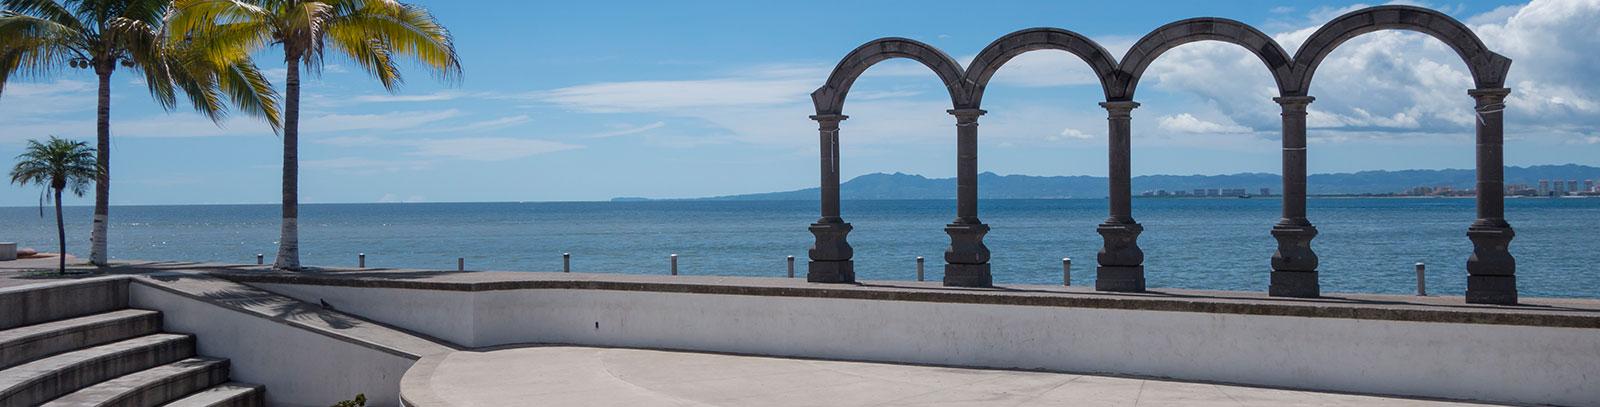 Malecón Puerto Vallarta en México